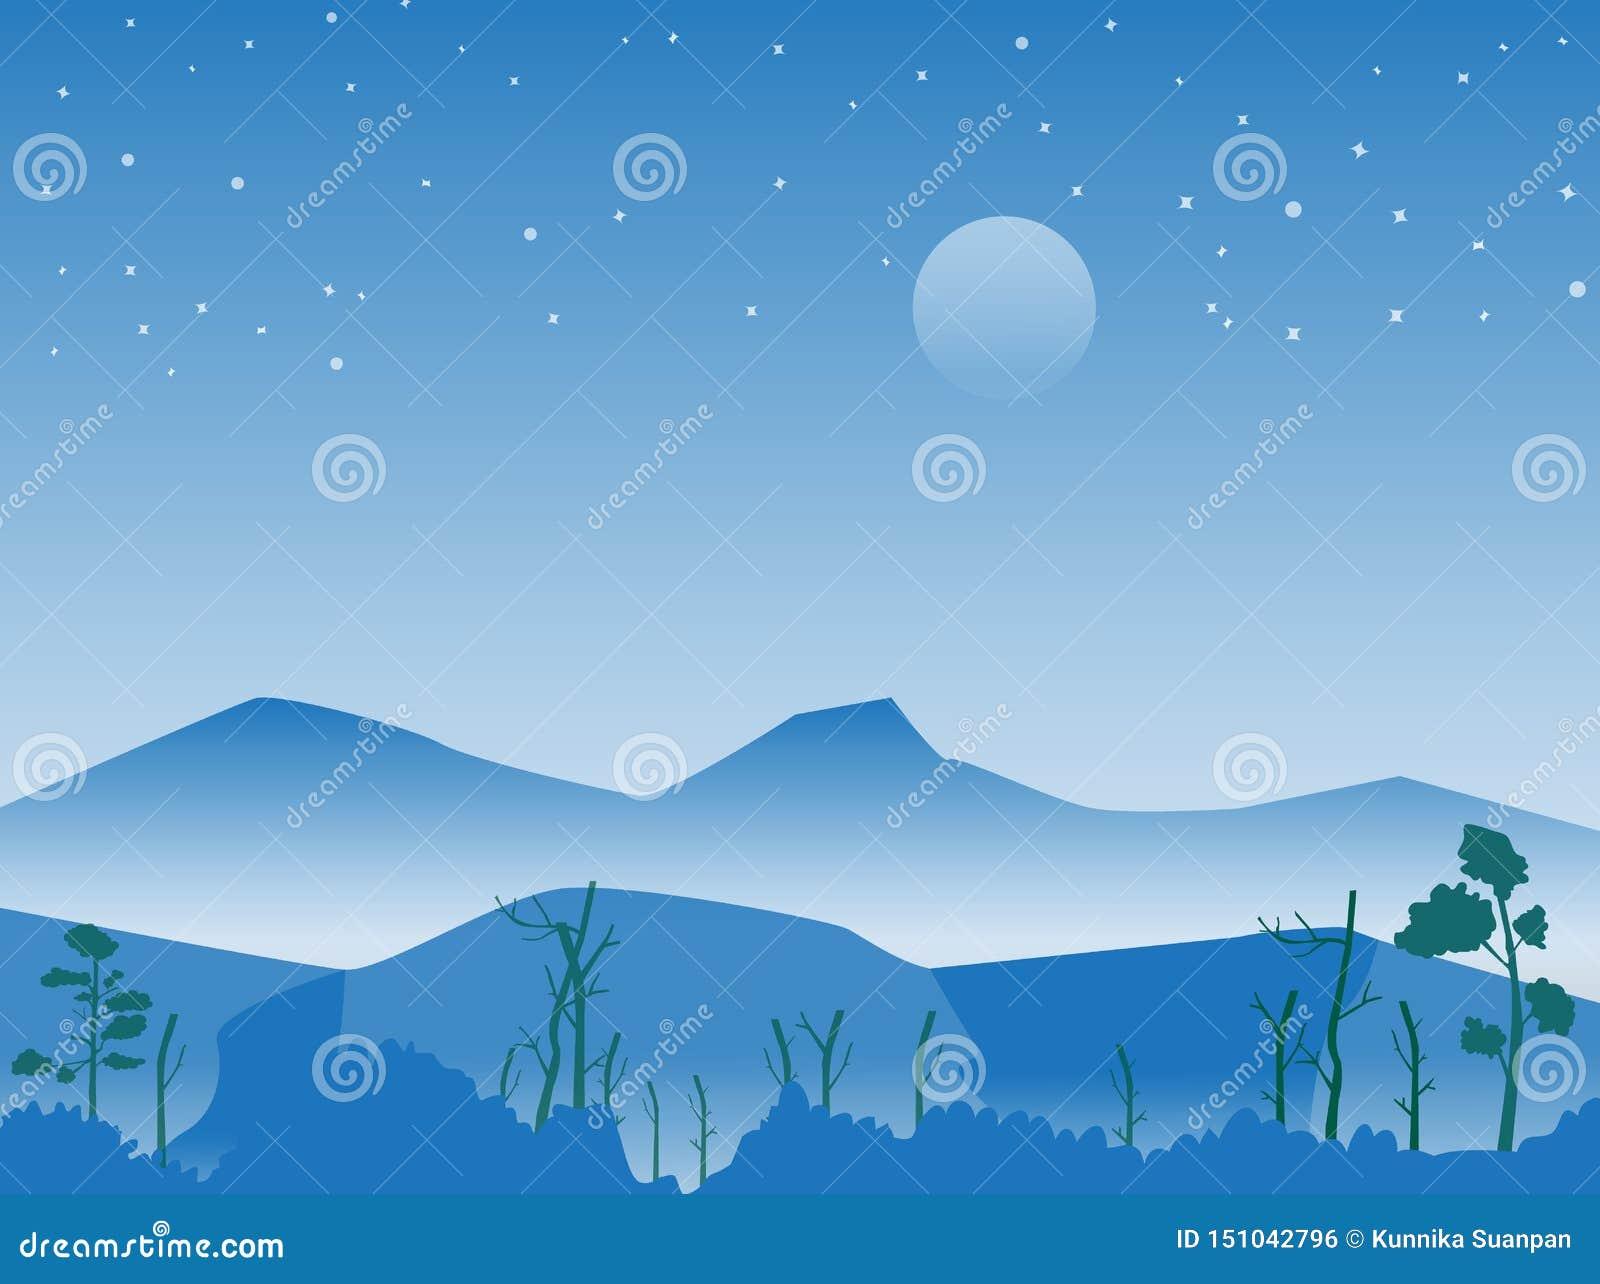 Montagne et forêt à la scène de nuit avec étoilé, image de vecteur